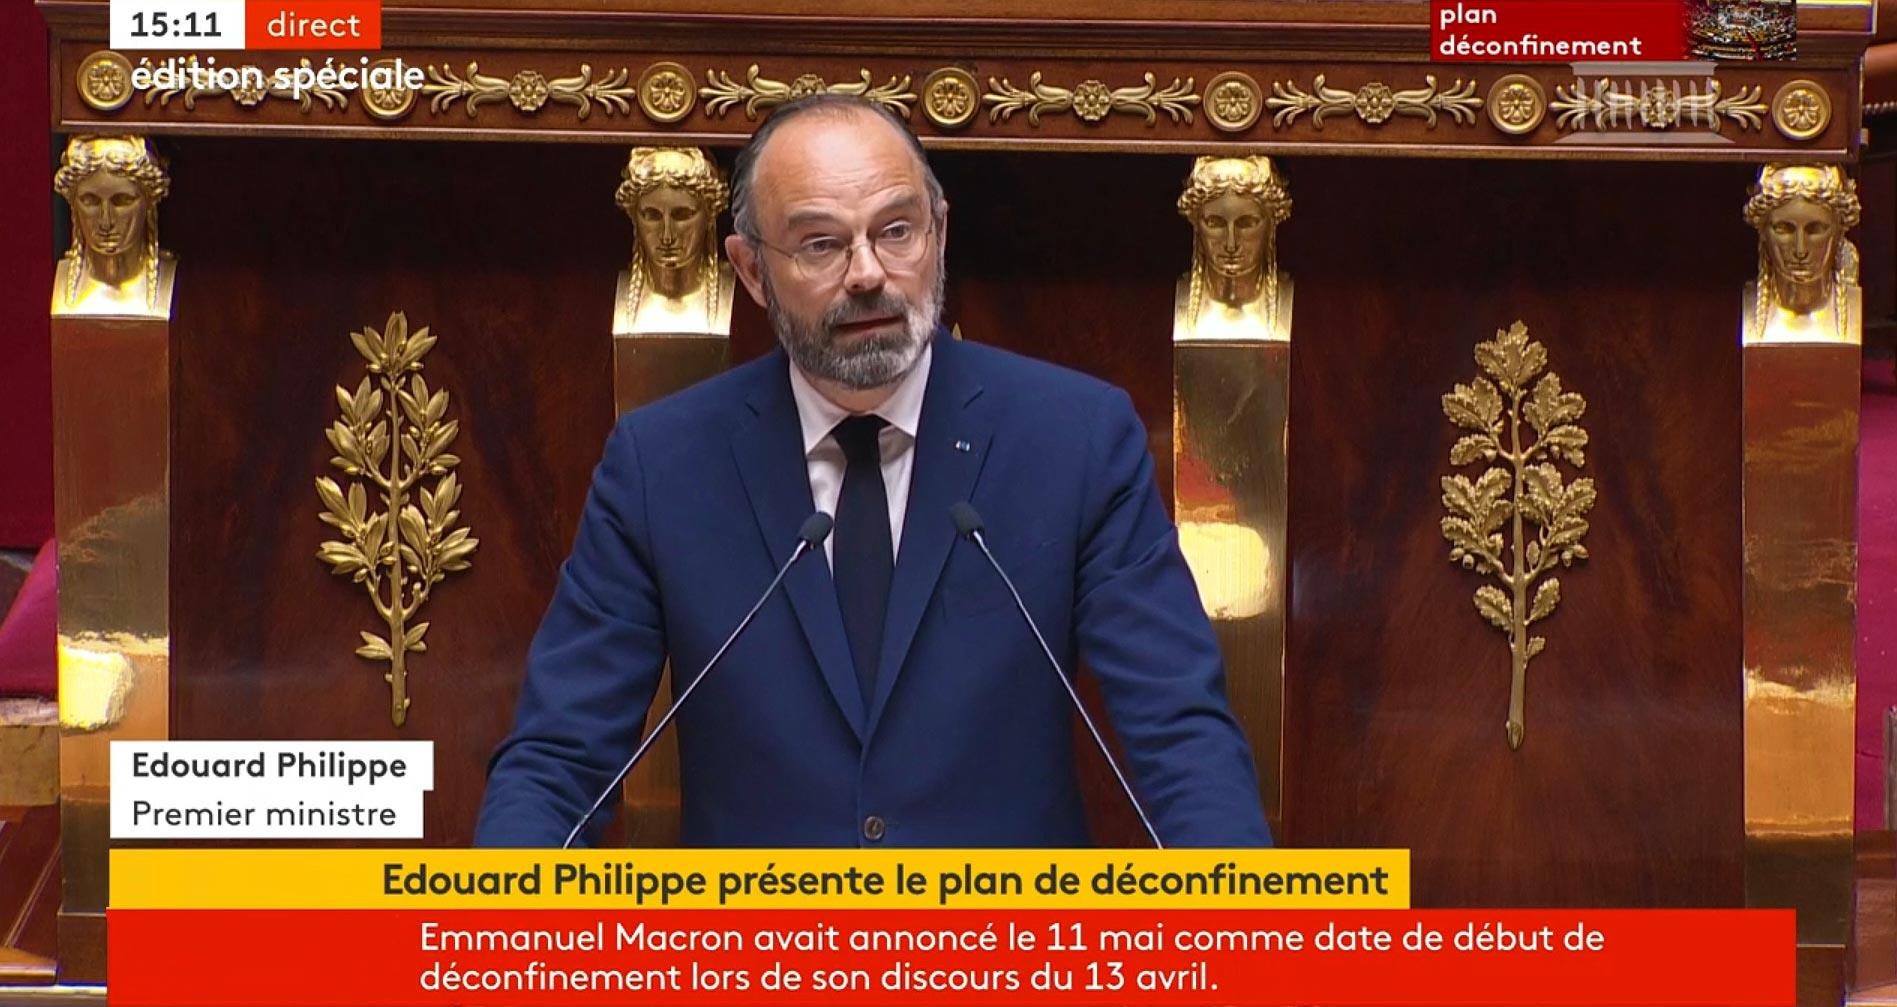 #Coronavirus #Covid19 et Déconfinement: Les Annonces d'Edouard Philippe du 28/04/2020